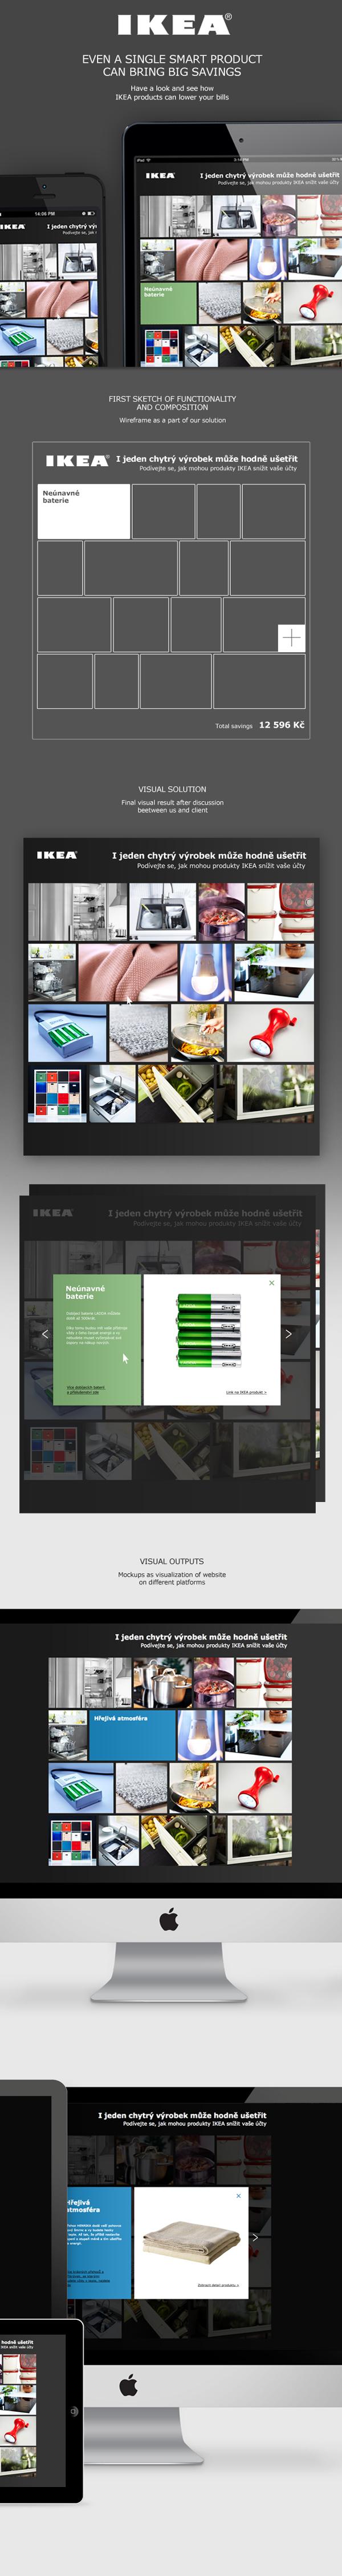 ikea Website app smartphone sustainabilty